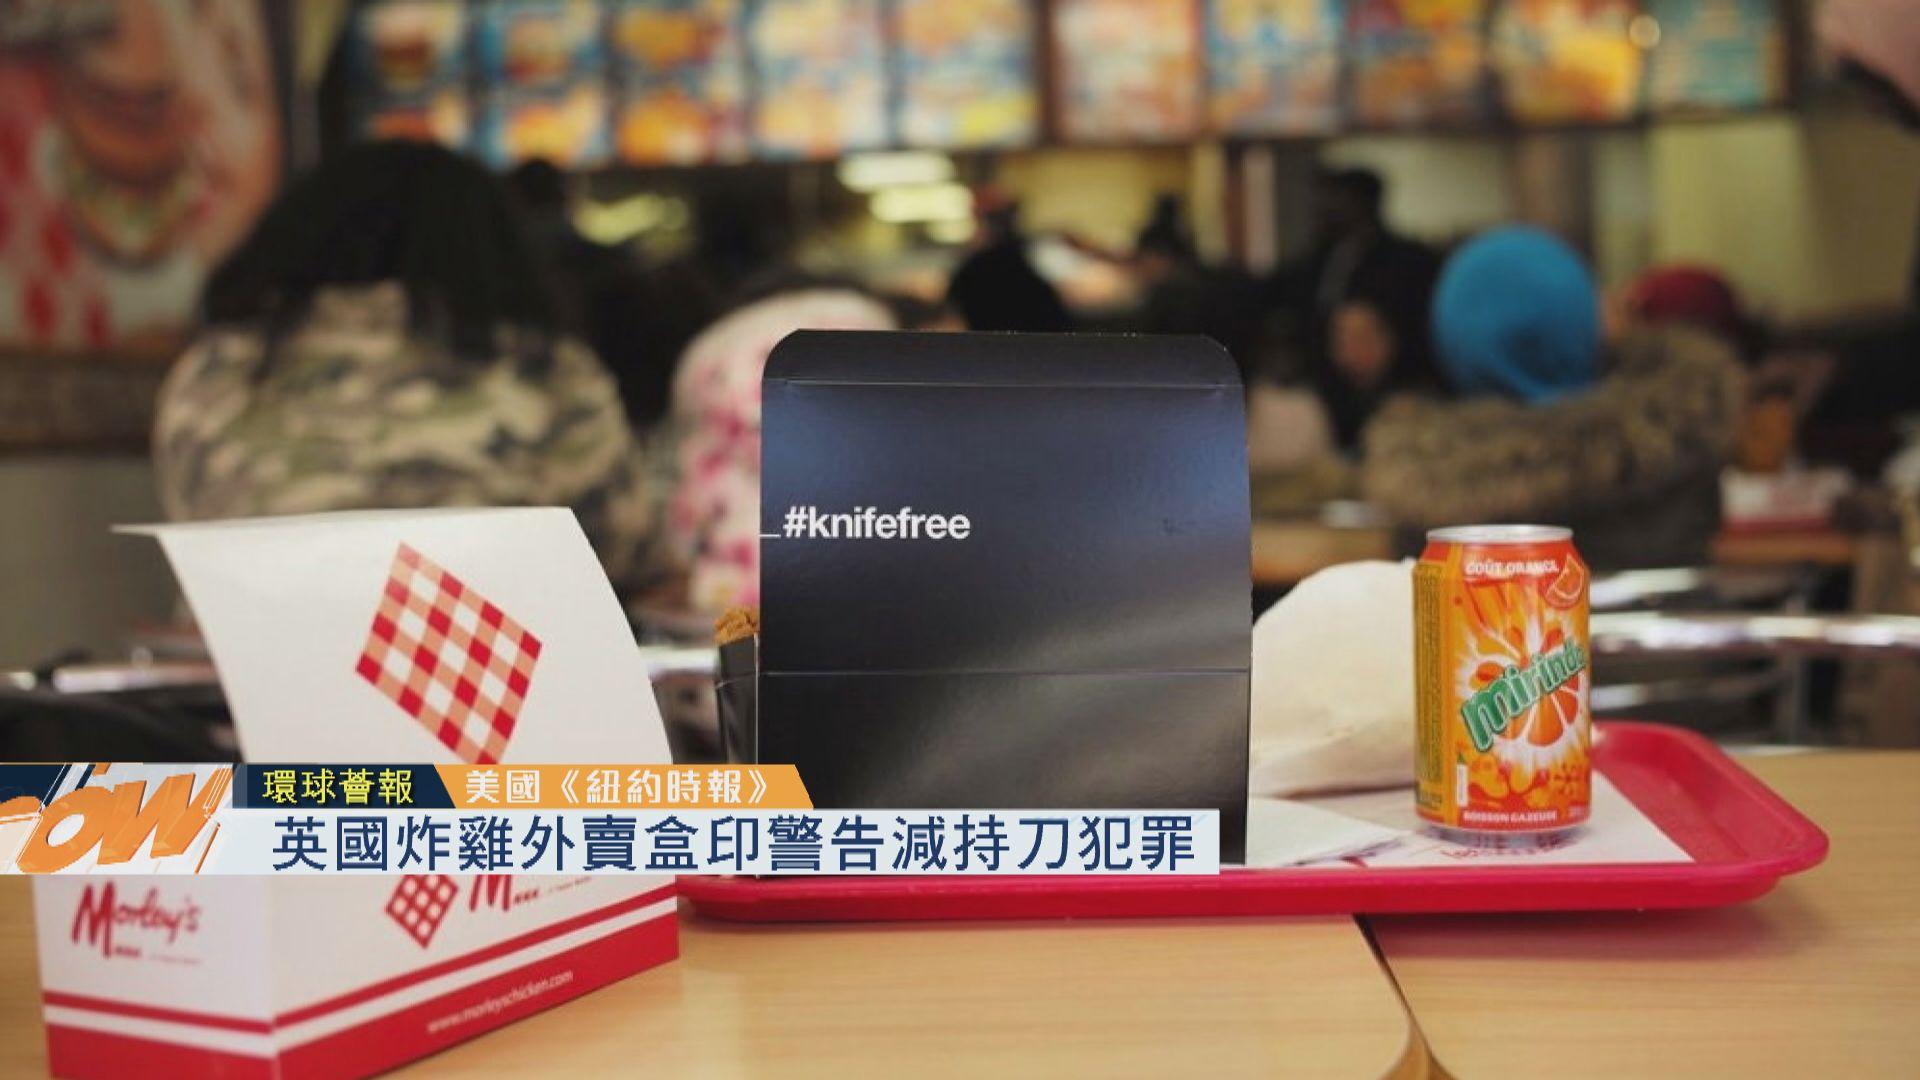 【環球薈報】英國炸雞外賣盒印警告減持刀犯罪